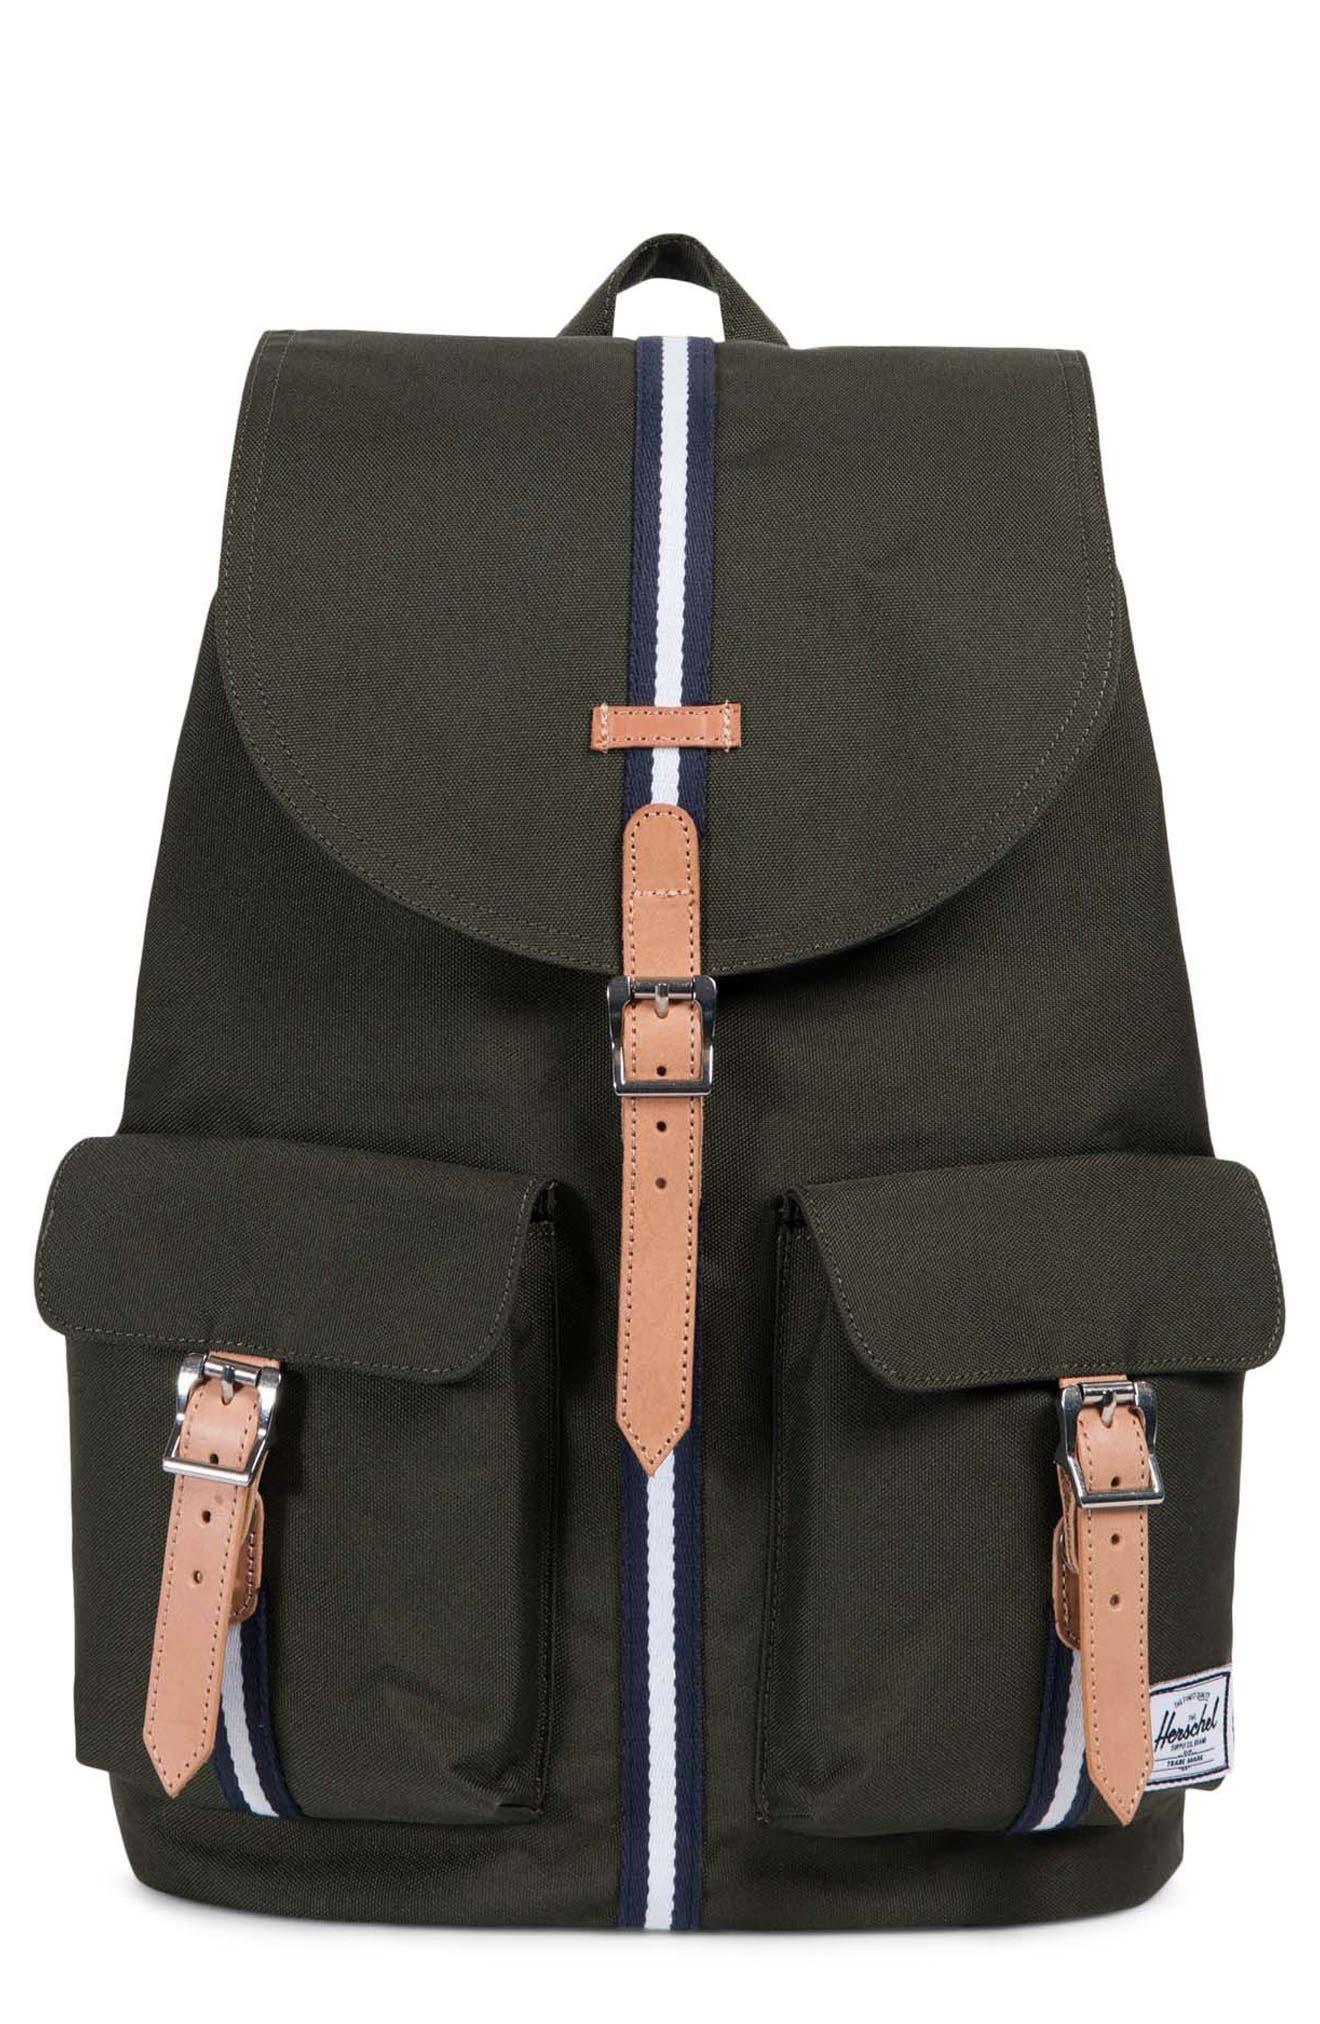 Herschel Supply Co. Dawson Offset Stripe Backpack